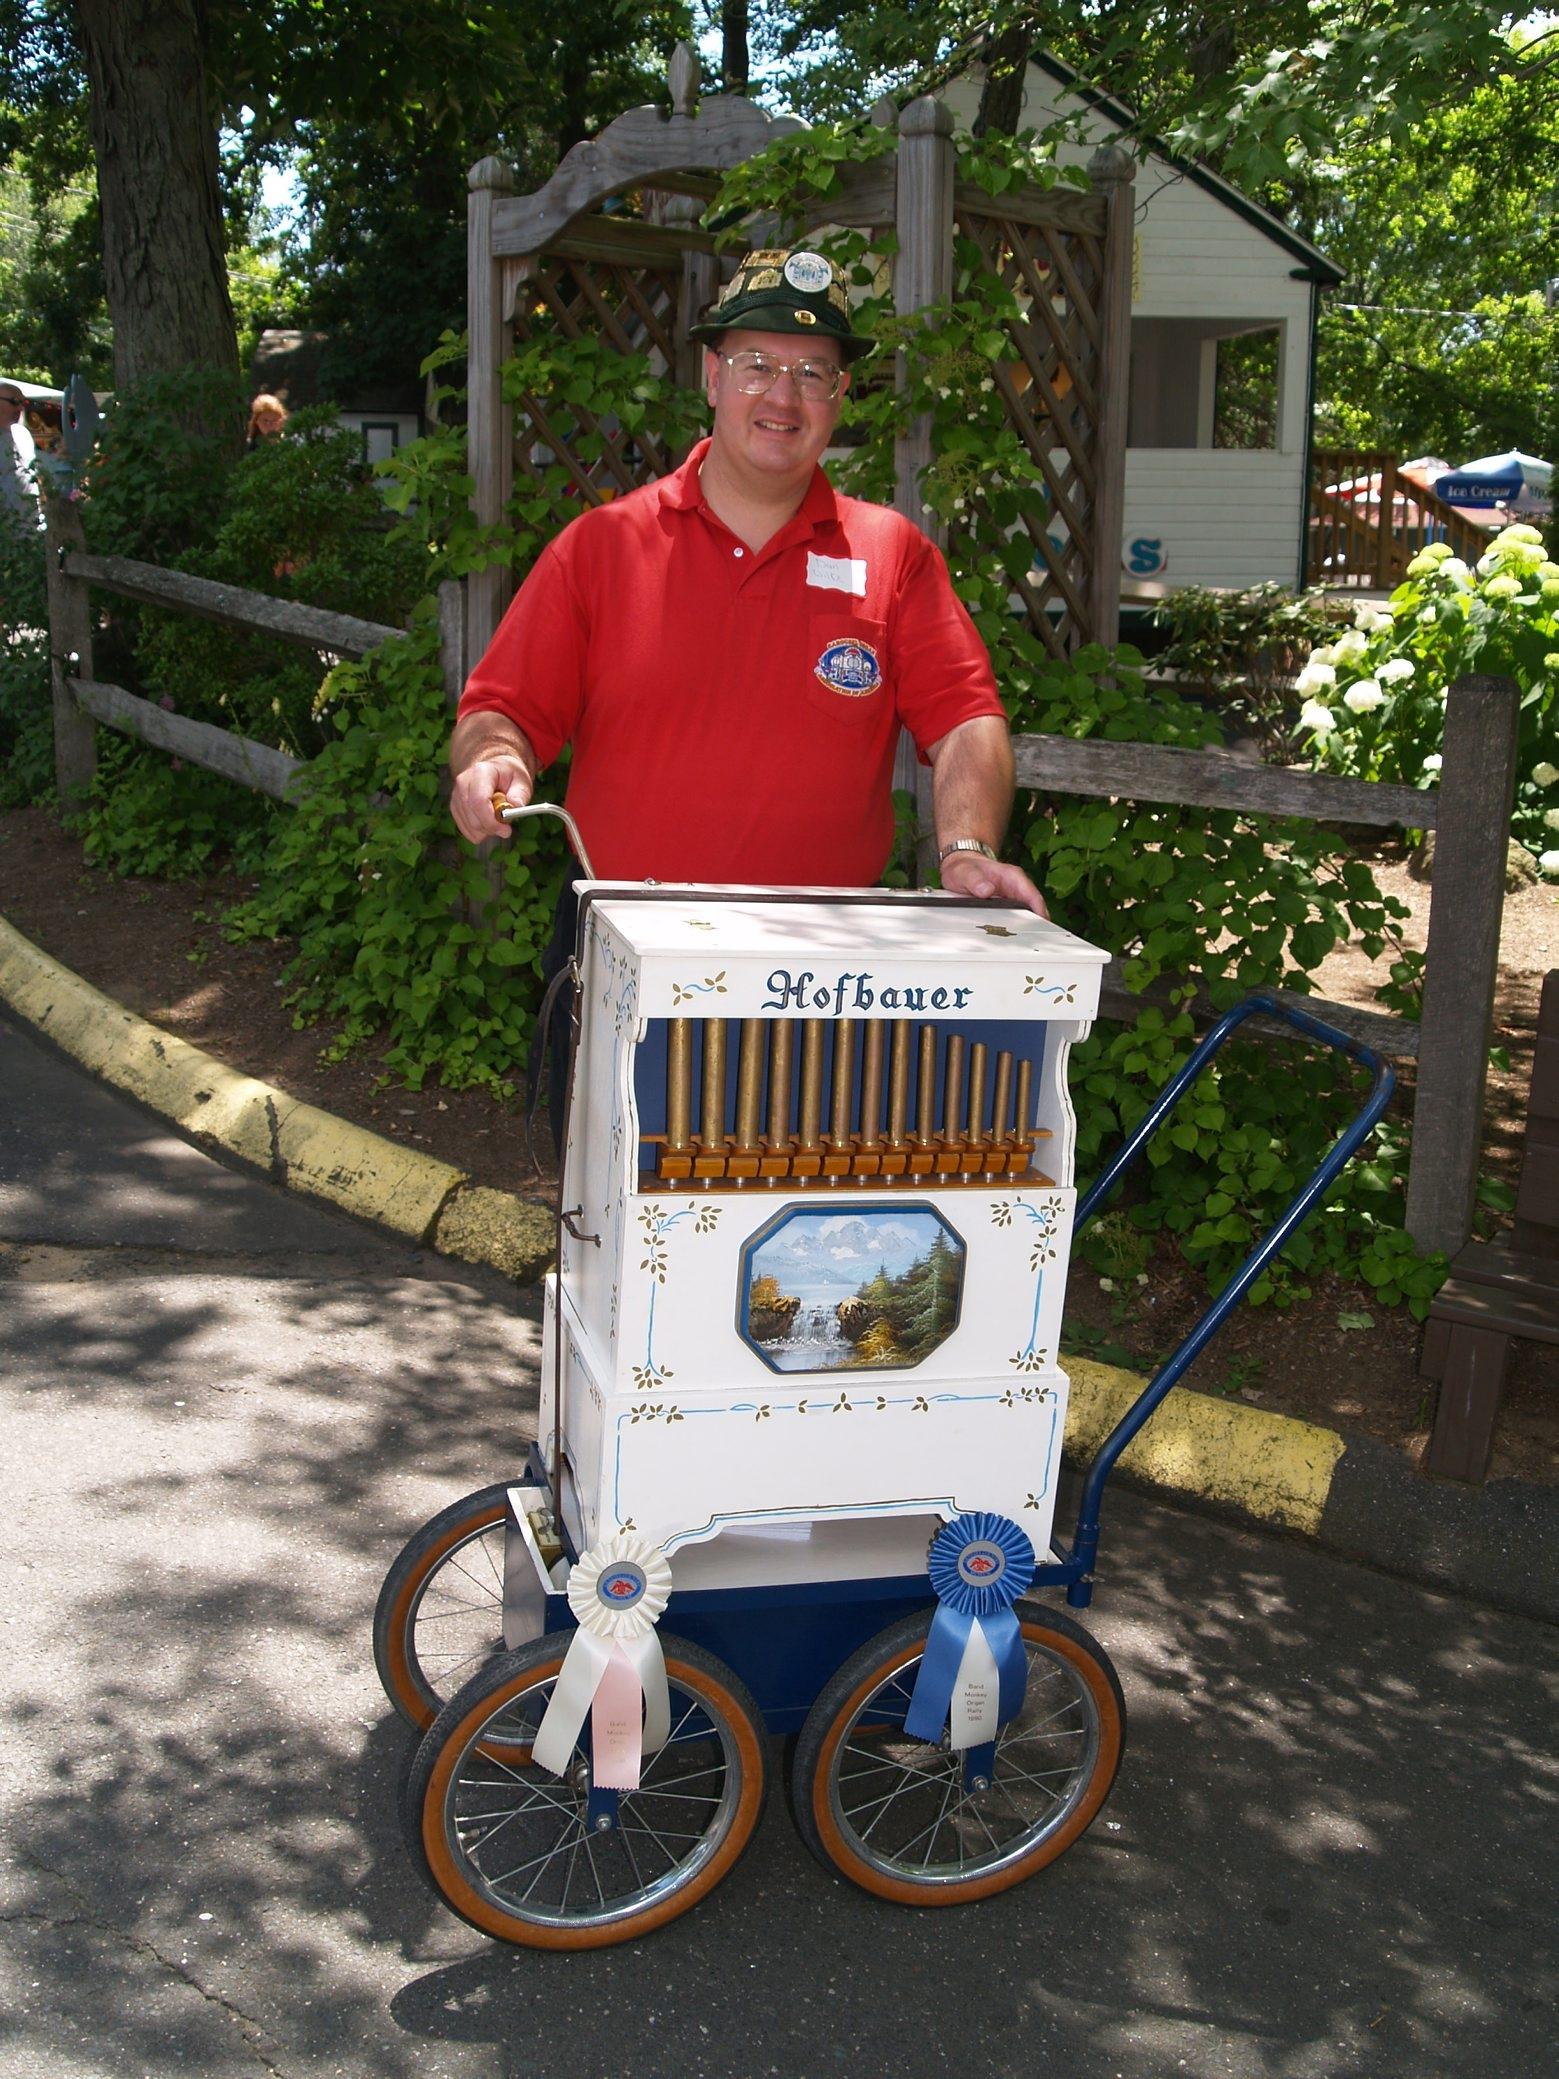 Organ grinder Dan Wilke has been volunteering at the Olcott Beach Carousel Park for about 10 years.